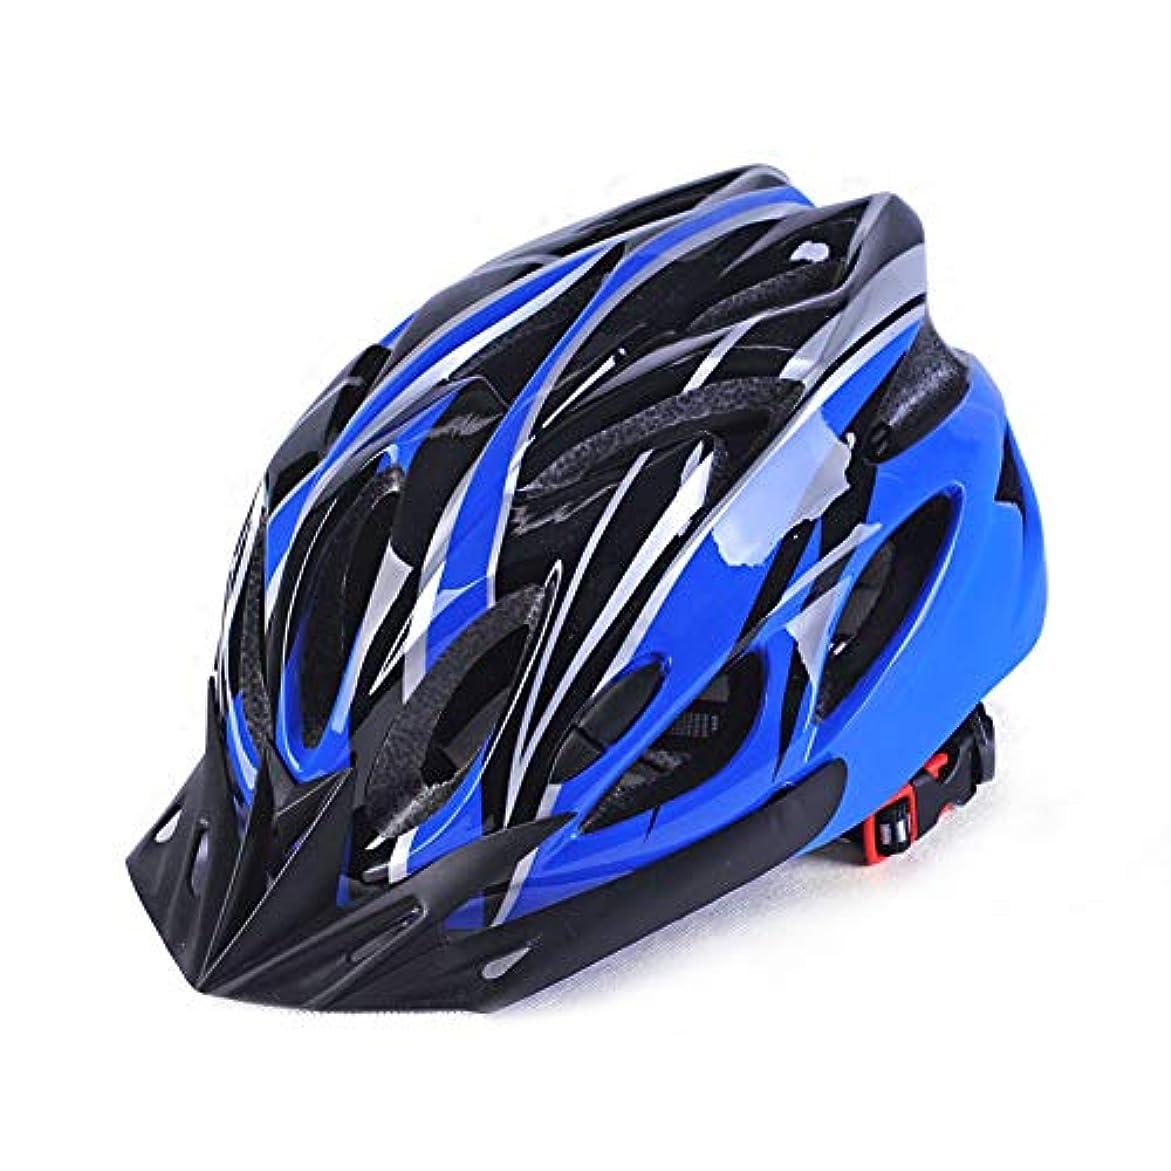 遊びます夕暮れスポーツをする自転車用ヘルメット超軽量 男性と女性のサイクリングロードのための調節可能な軽量マウンテンバイクレーシングヘルメット付き自転車ヘルメット オフロード自転車用保護帽 (色 : Blue black)